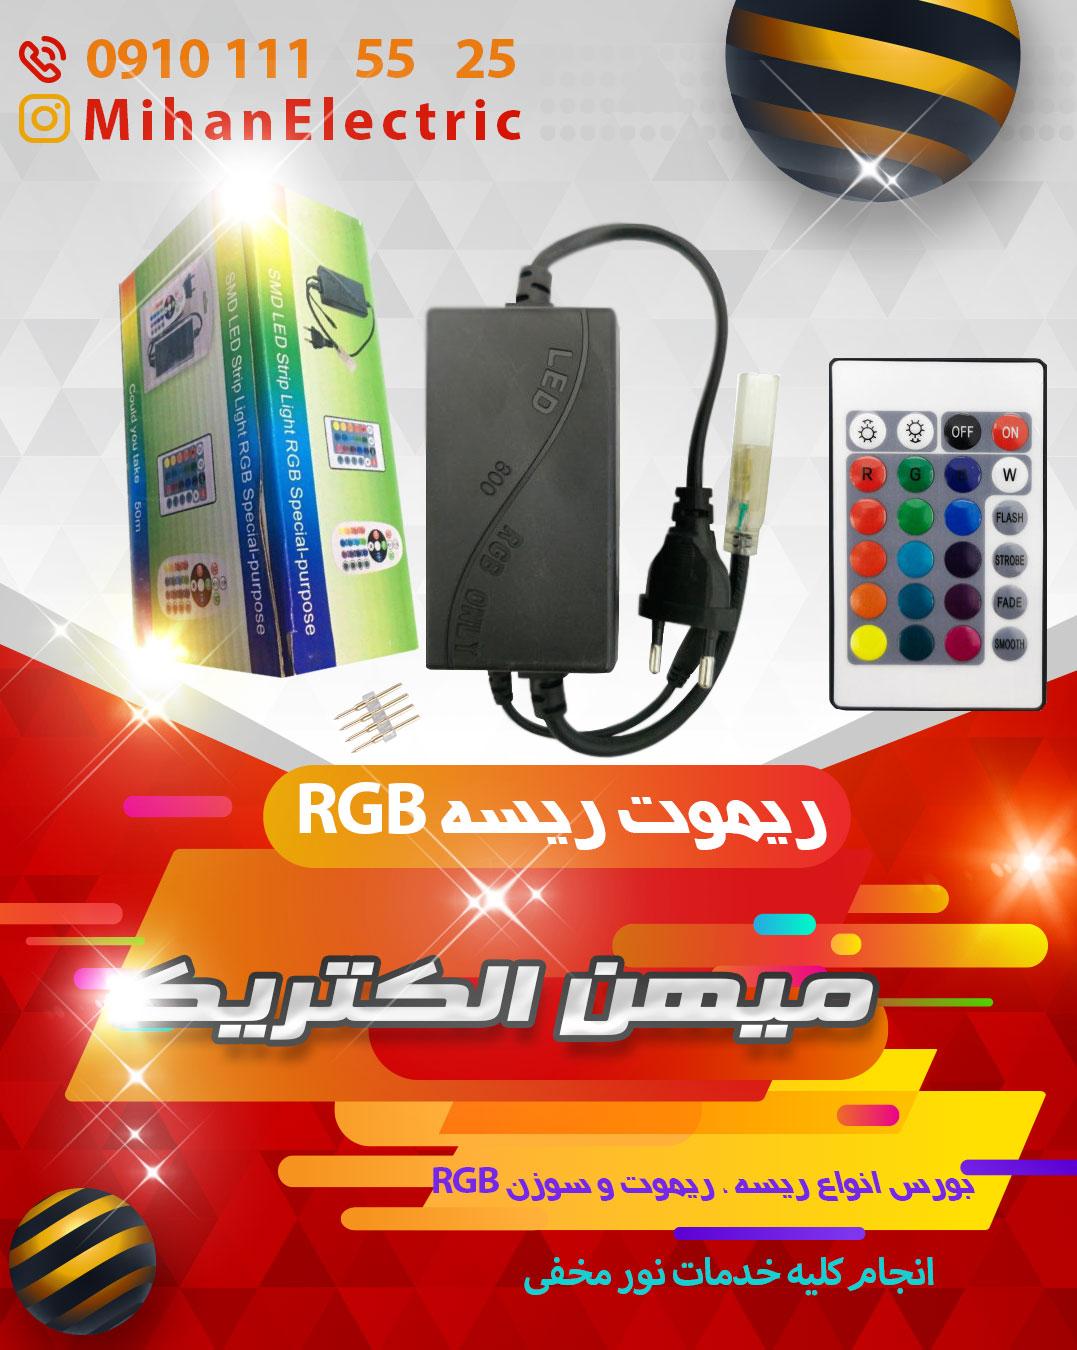 ریموت کنترل ریسه rgb هفت رنگ